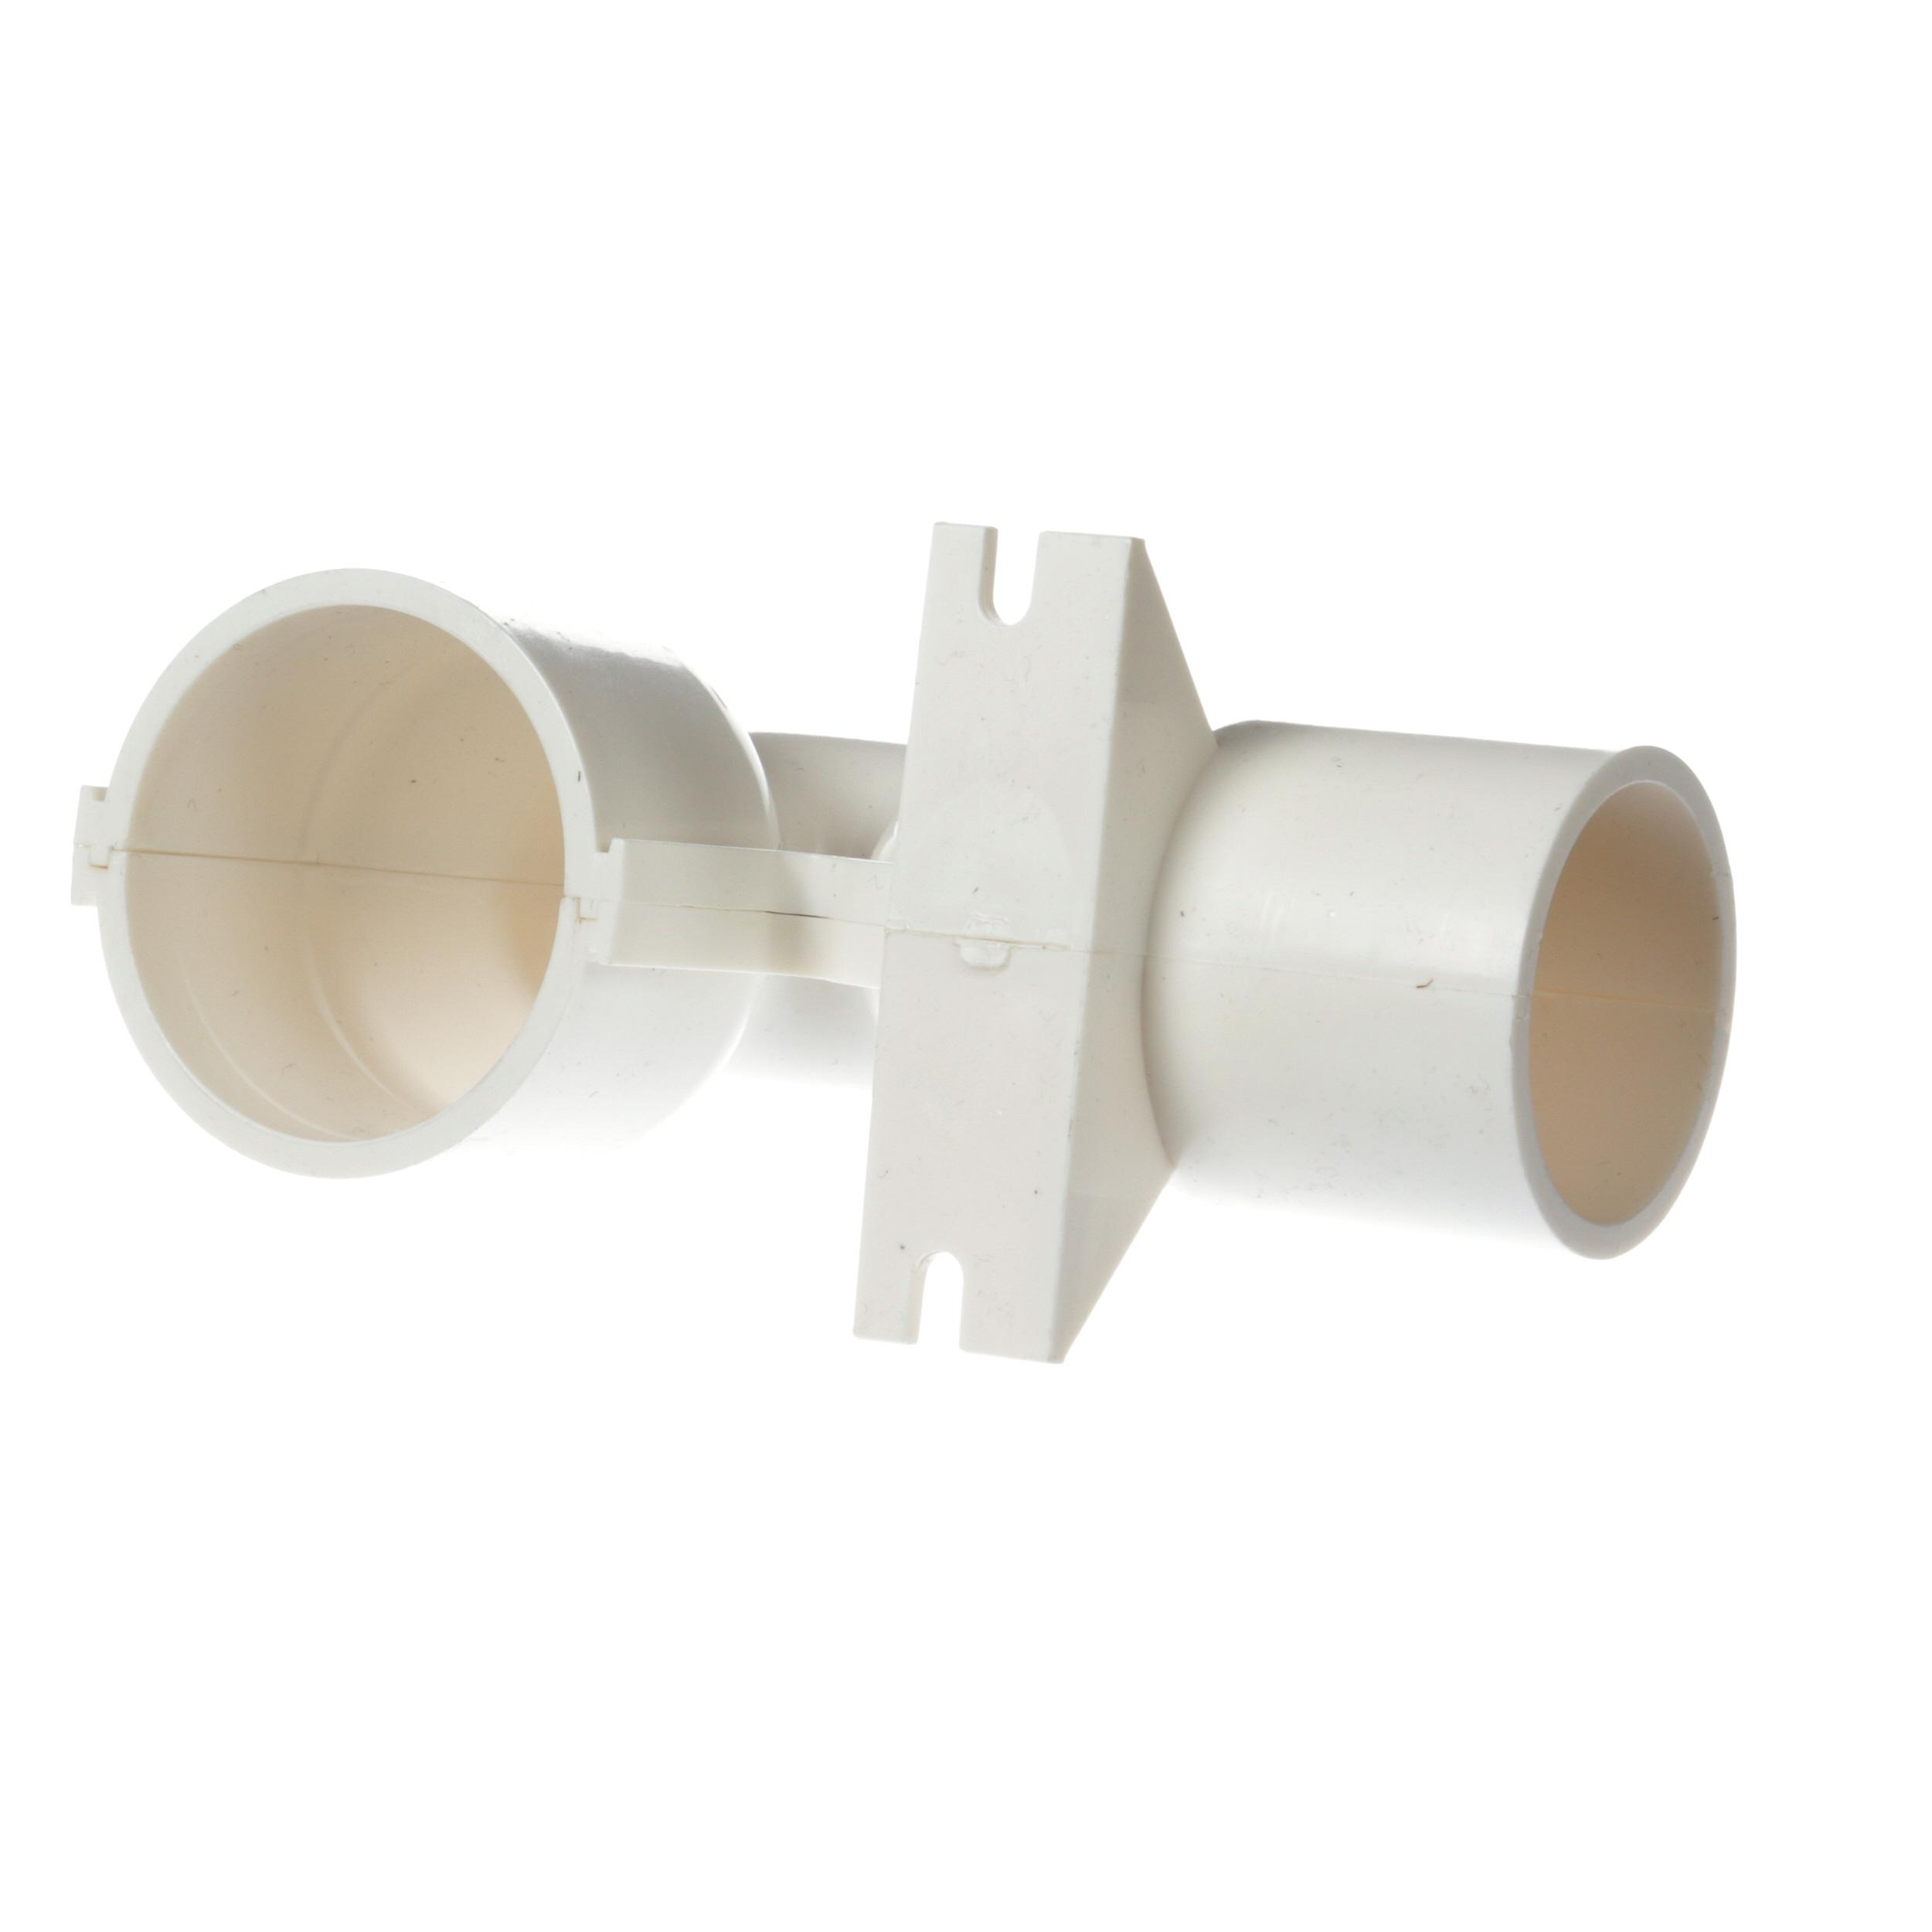 Hillphoenix pvc drain trap part p g